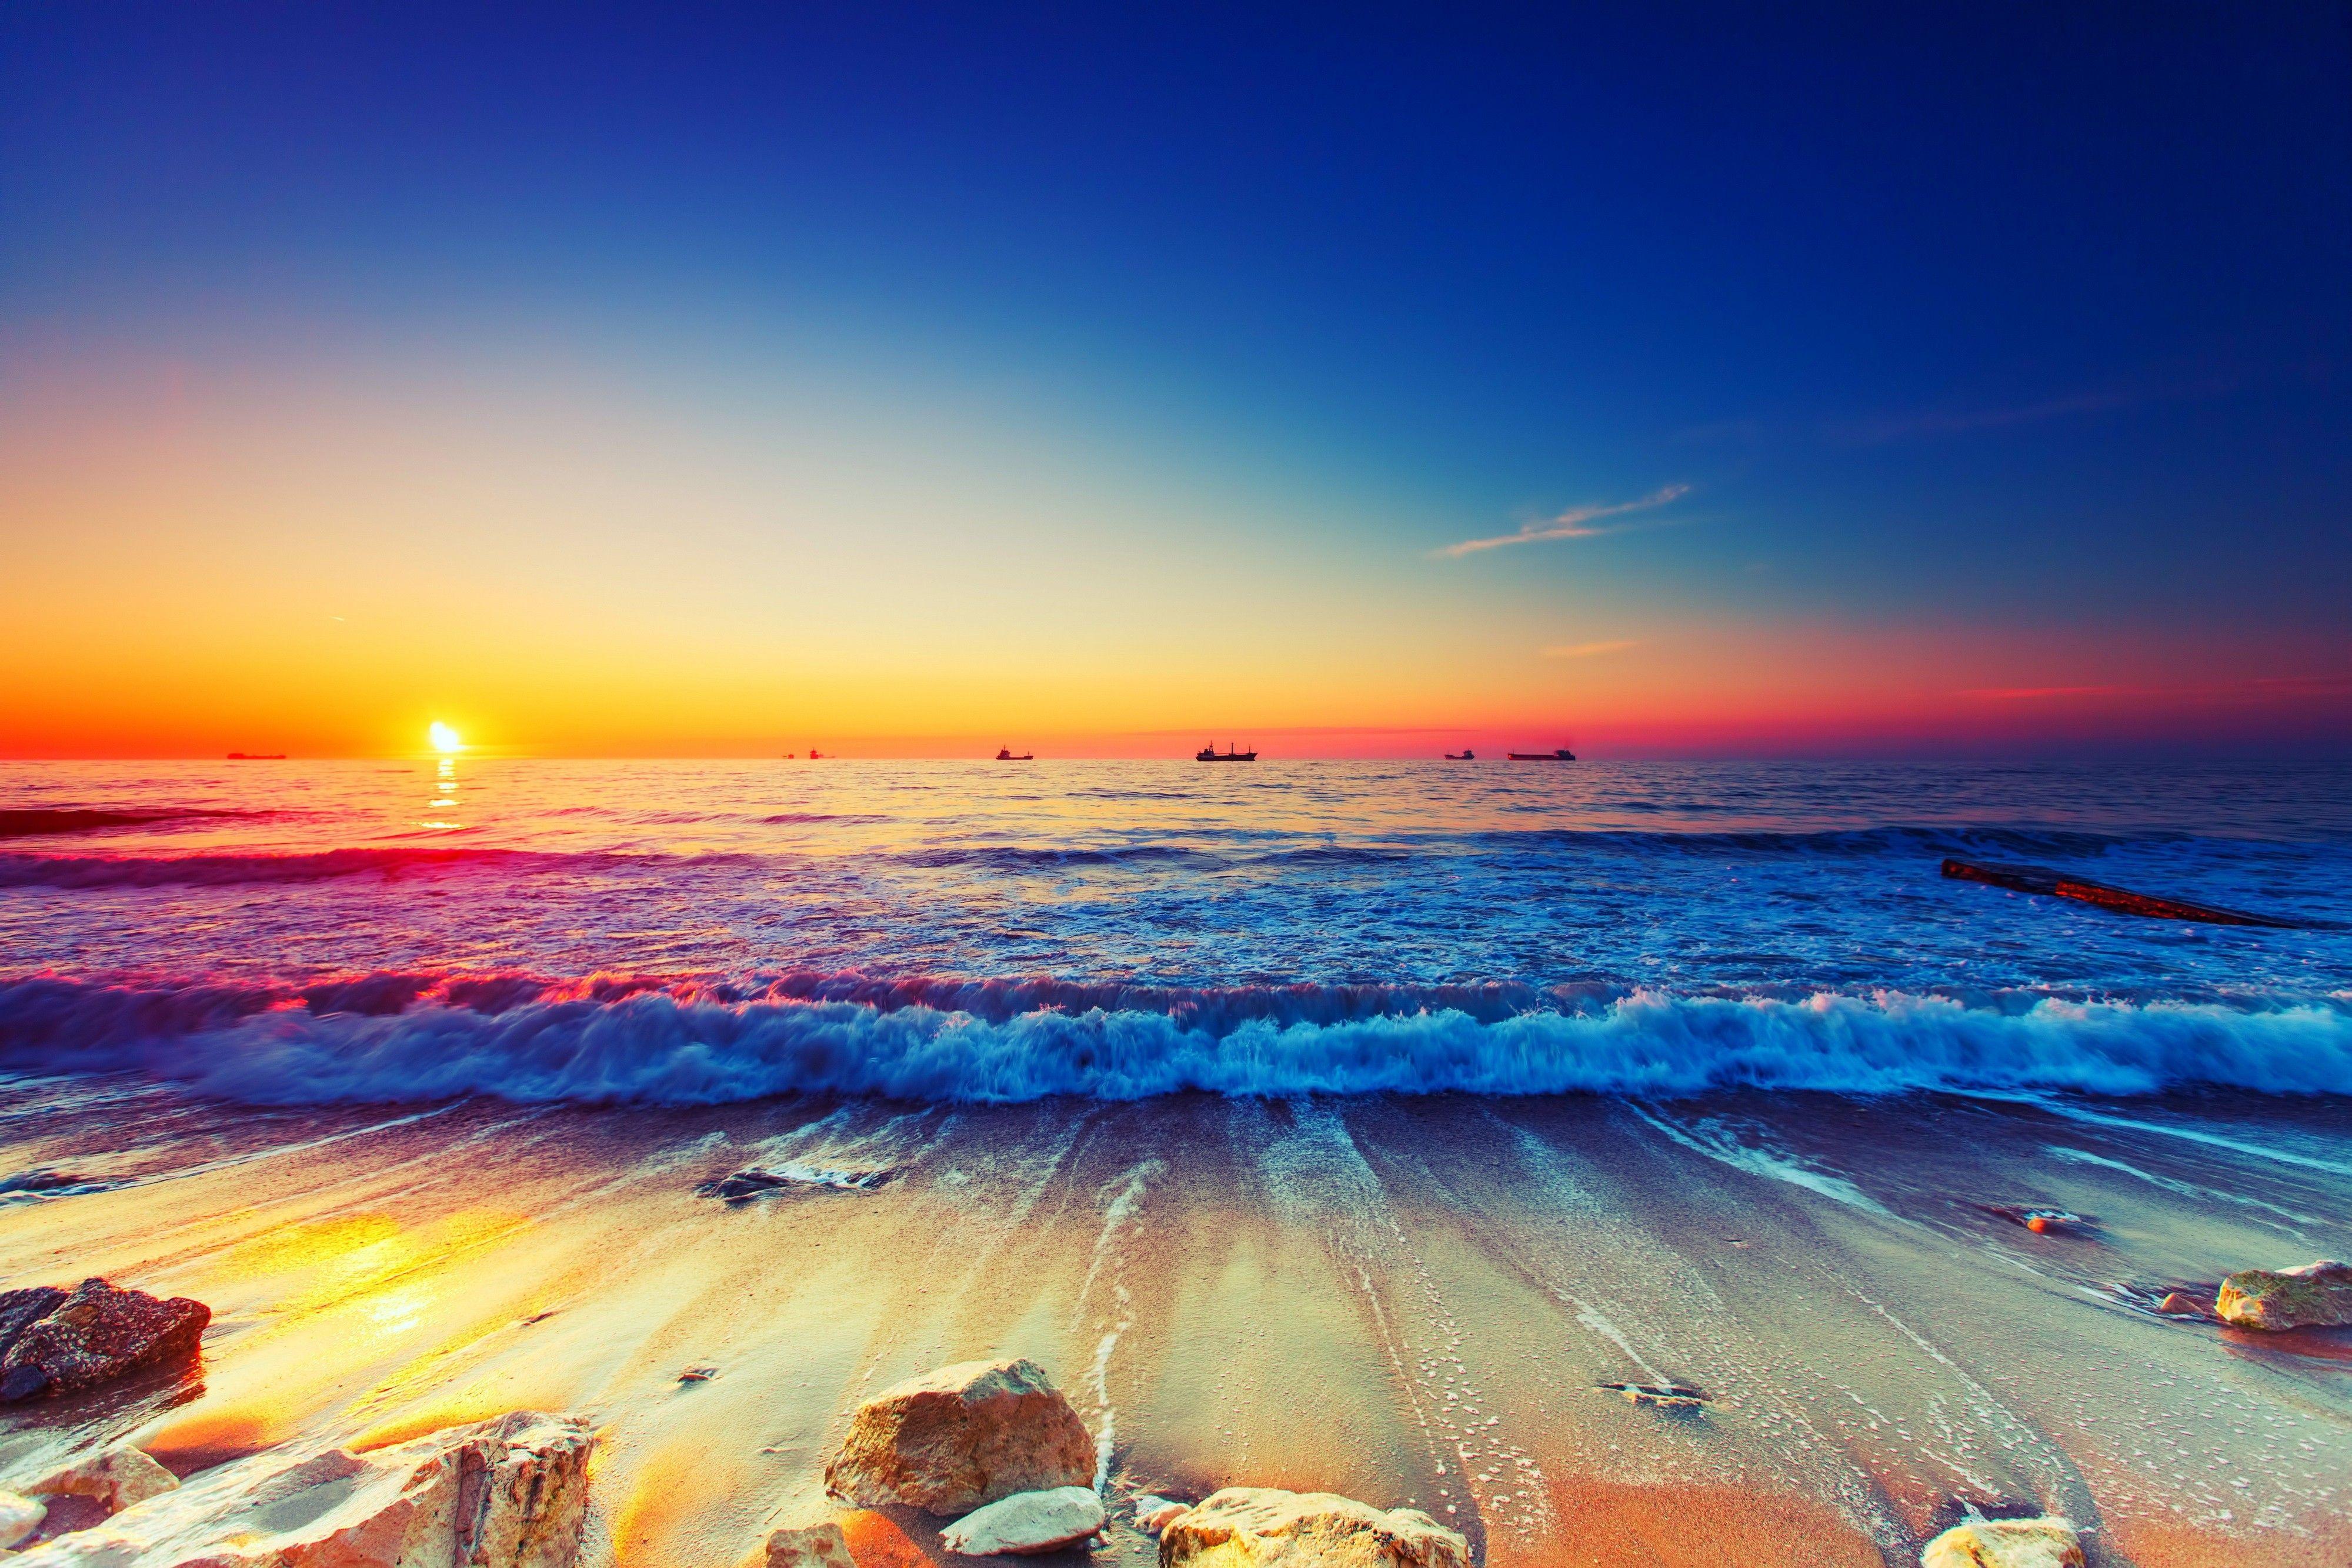 35 Beach Summer Ocean Sunset Wallpapers   Download at WallpaperBro 3999x2666